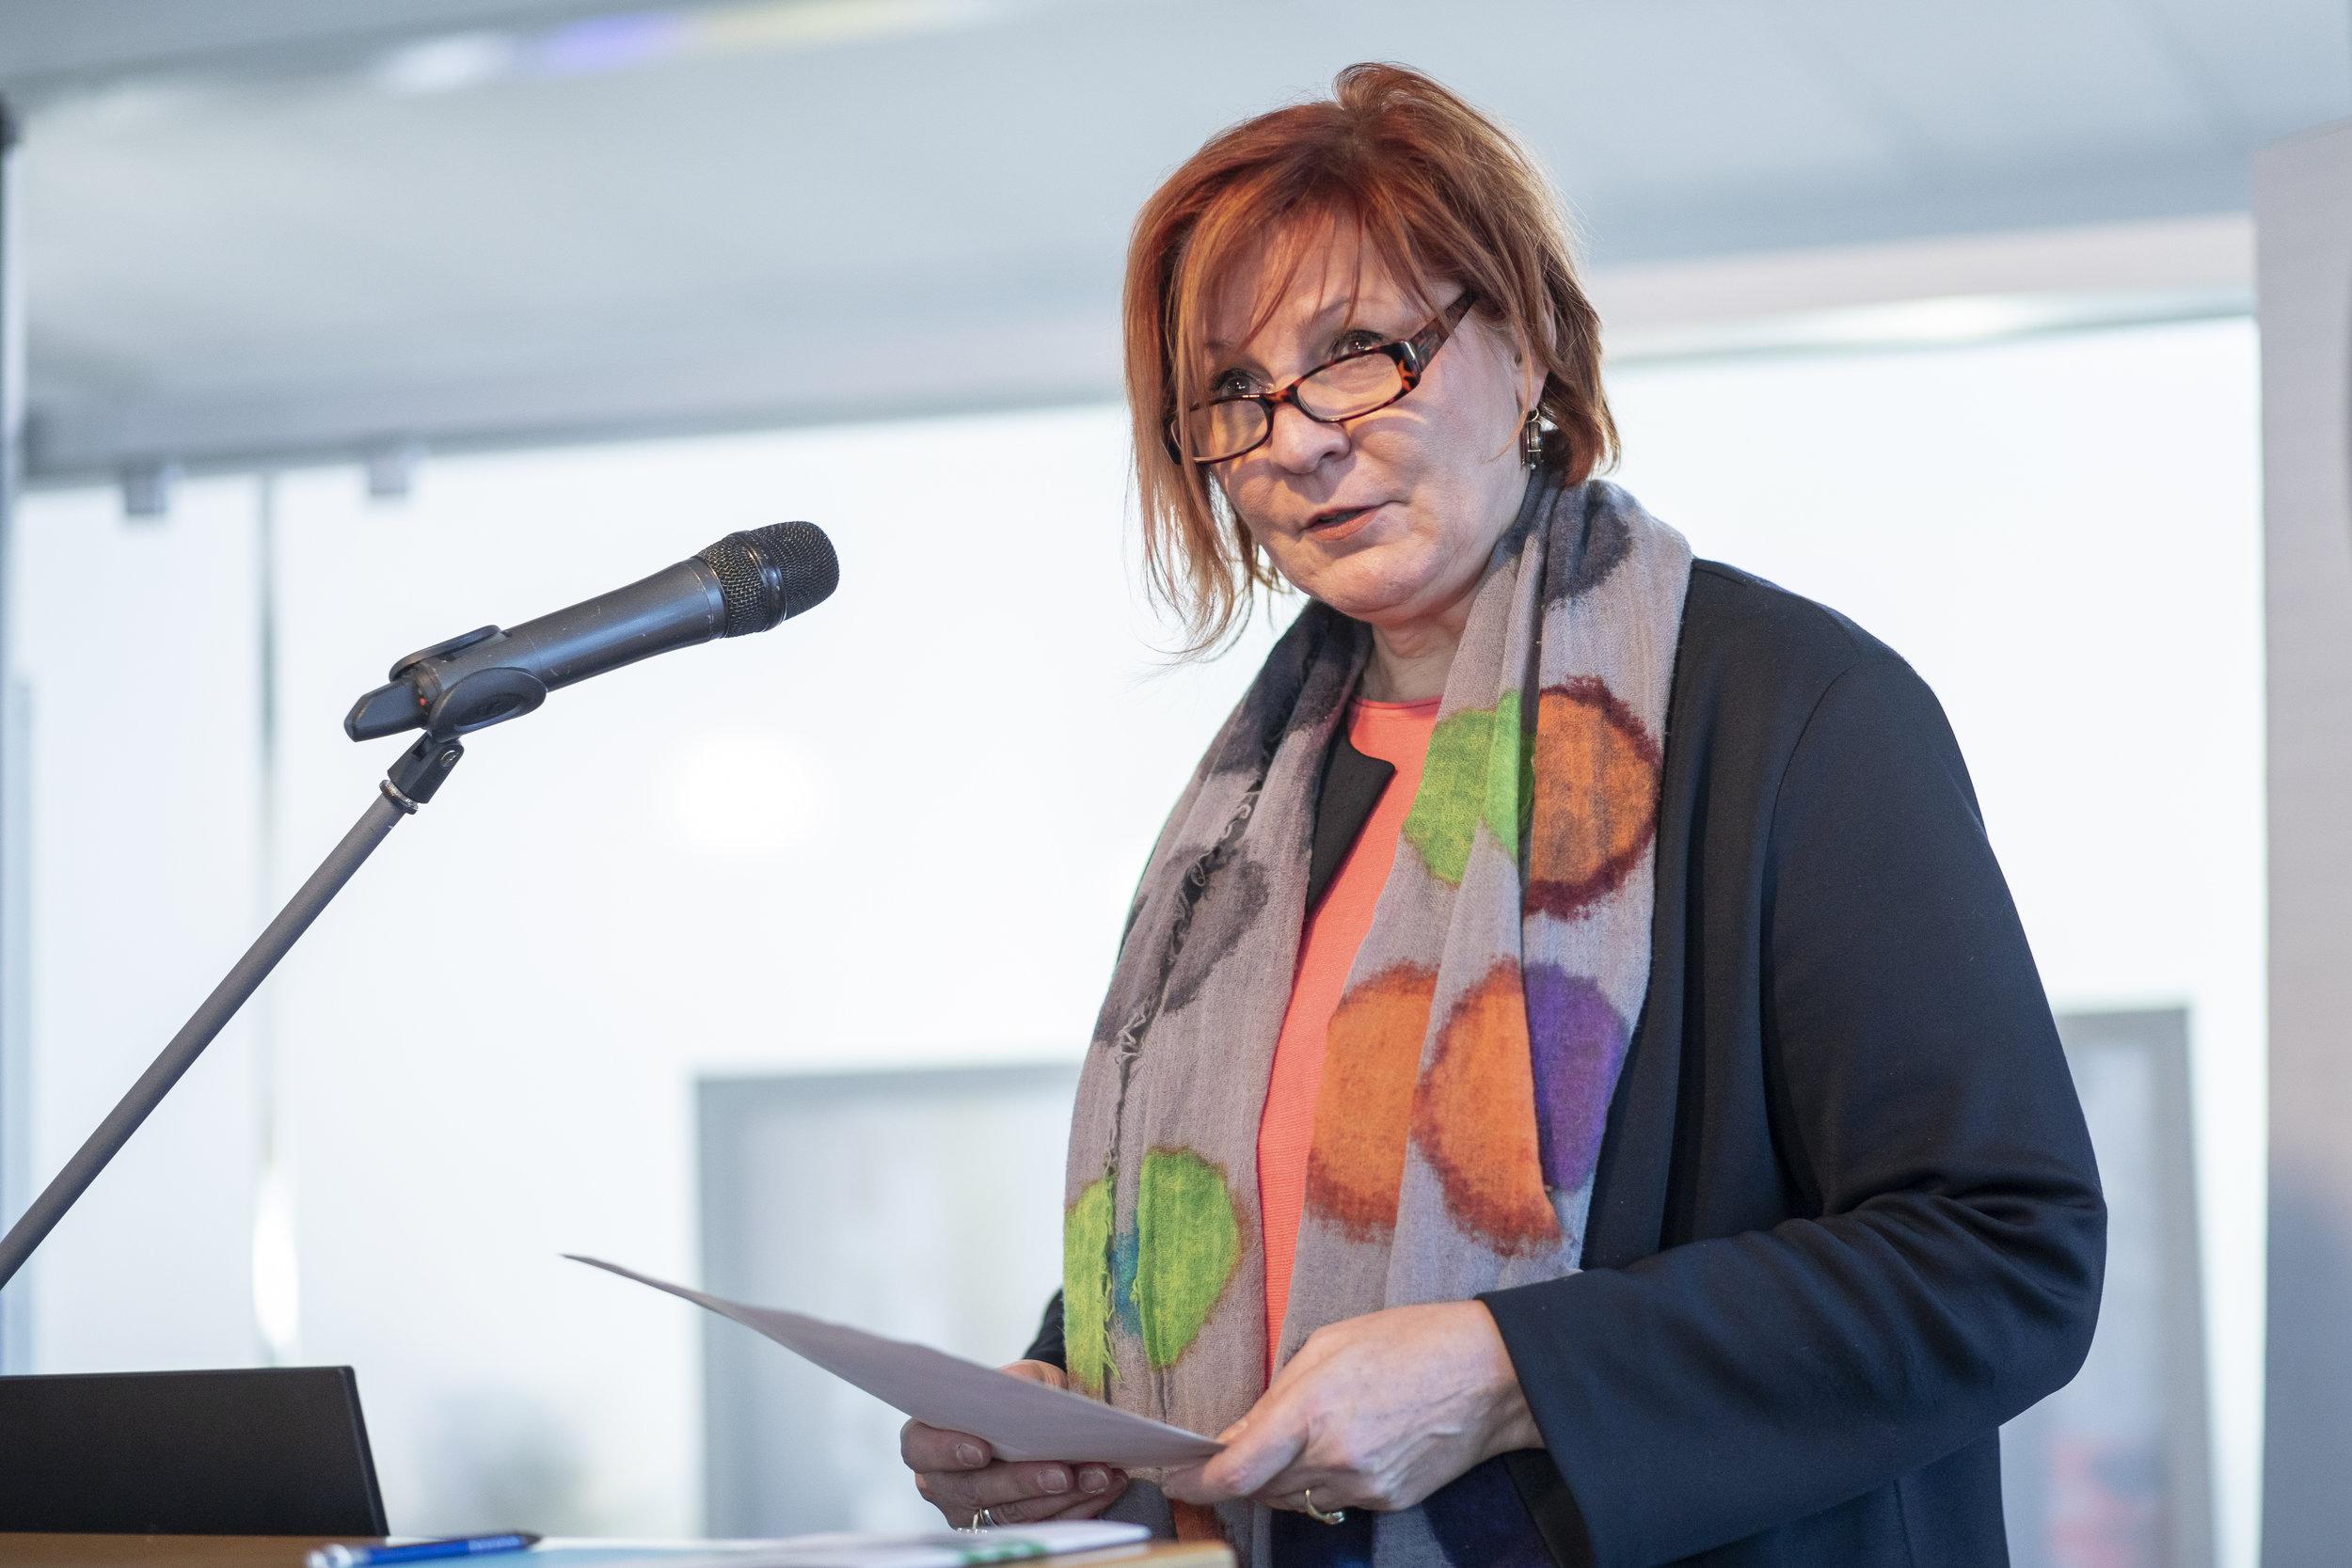 Martina Schmidt von Boeselager, Geschäftsführerin der Waldschule Cappenberg, BNE-Regionalzentrum im Kreis Unna